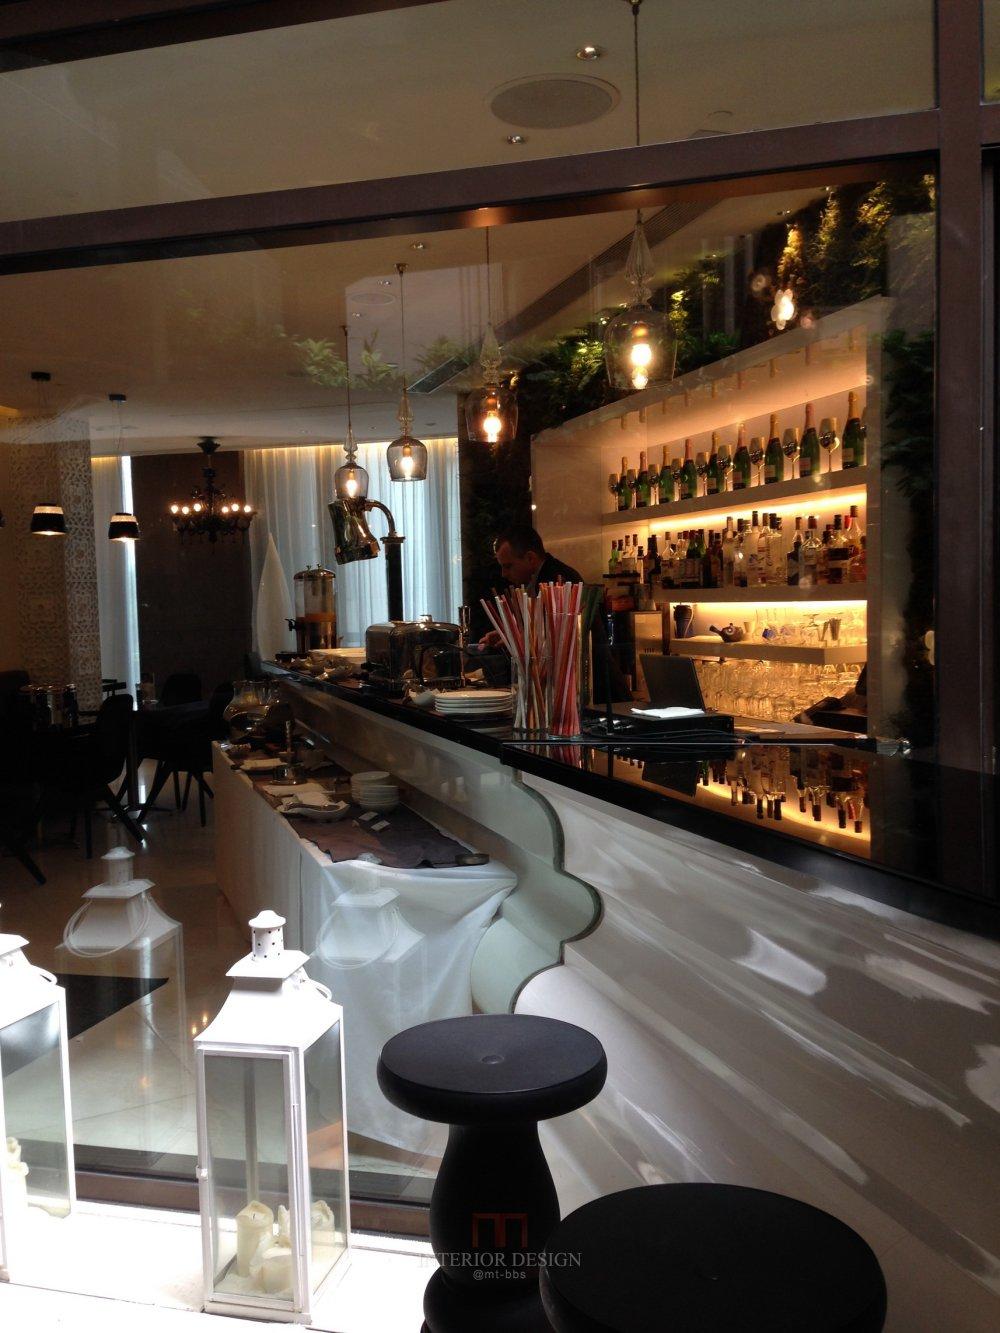 香港湾仔美丽华精品酒店Mira Moon Hotel  自拍分享_IMG_4167.JPG